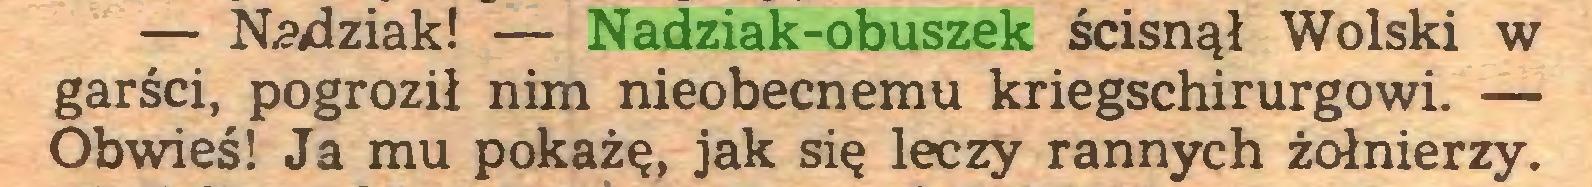 (...) — Nadziak! — Nadziak-obuszek ścisnął Wolski w garści, pogroził nim nieobecnemu kriegschirurgowi. — Obwieś! Ja mu pokażę, jak się leczy rannych żołnierzy...